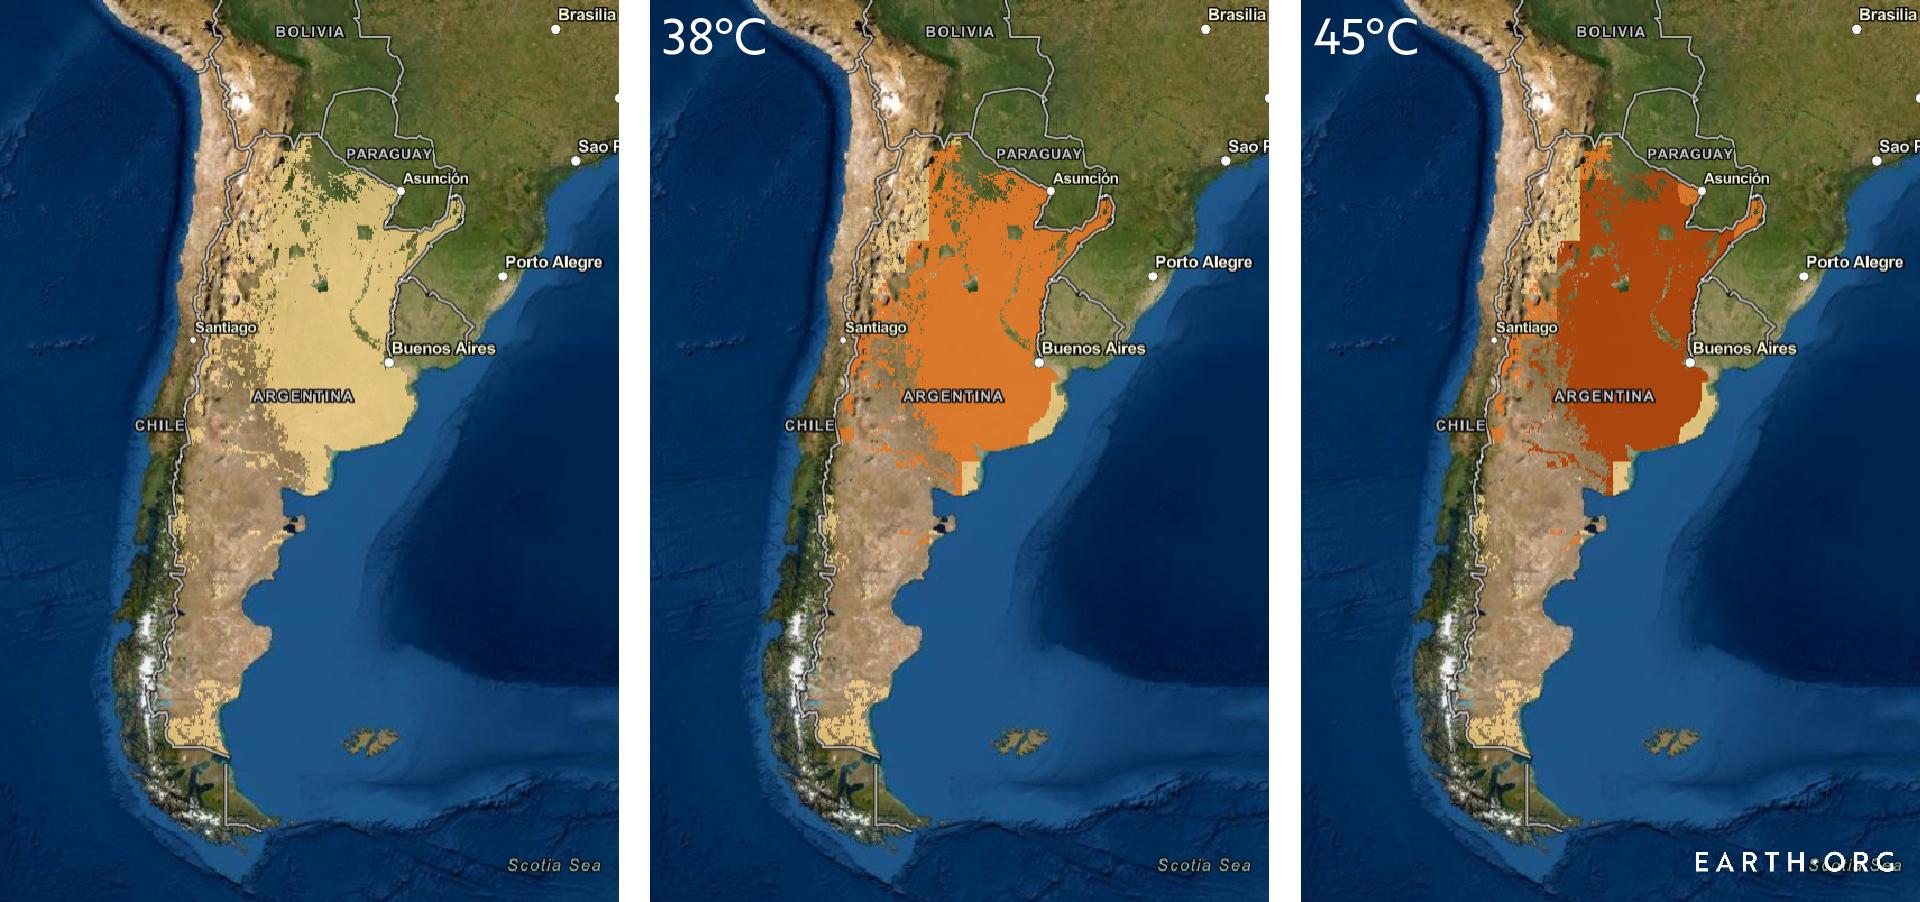 Argentina summer maximums hotspots future agriculture